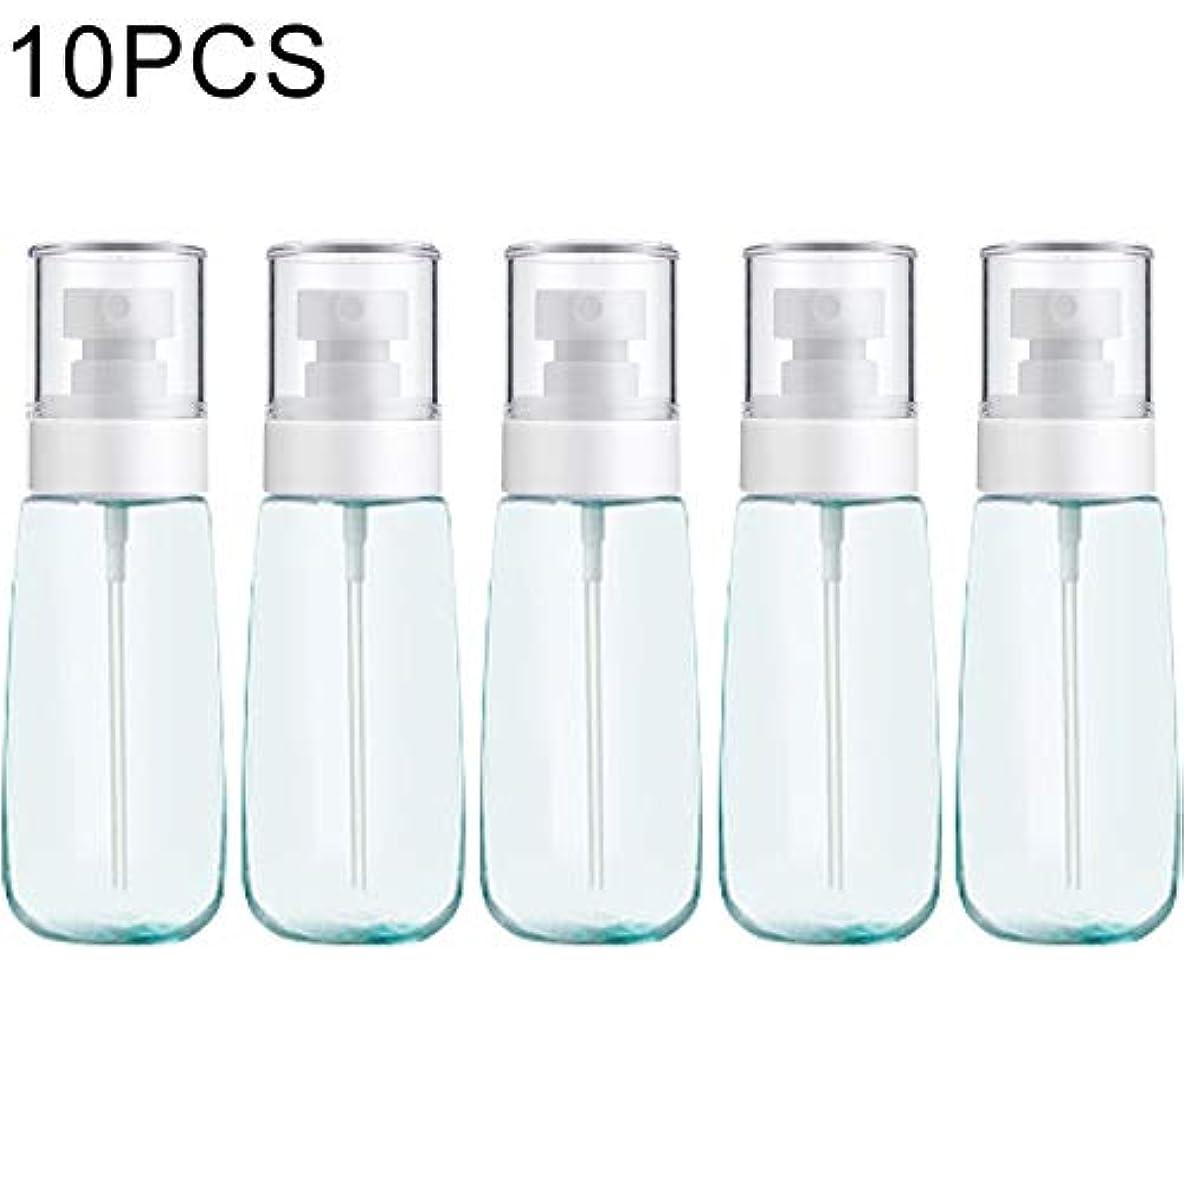 小麦粉制約精査MEI1JIA QUELLIA 10 PCSポータブル詰め替えプラスチックファインミスト香水スプレーボトル透明な空のスプレースプレーボトル、100ミリリットル(ピンク) (色 : Blue)